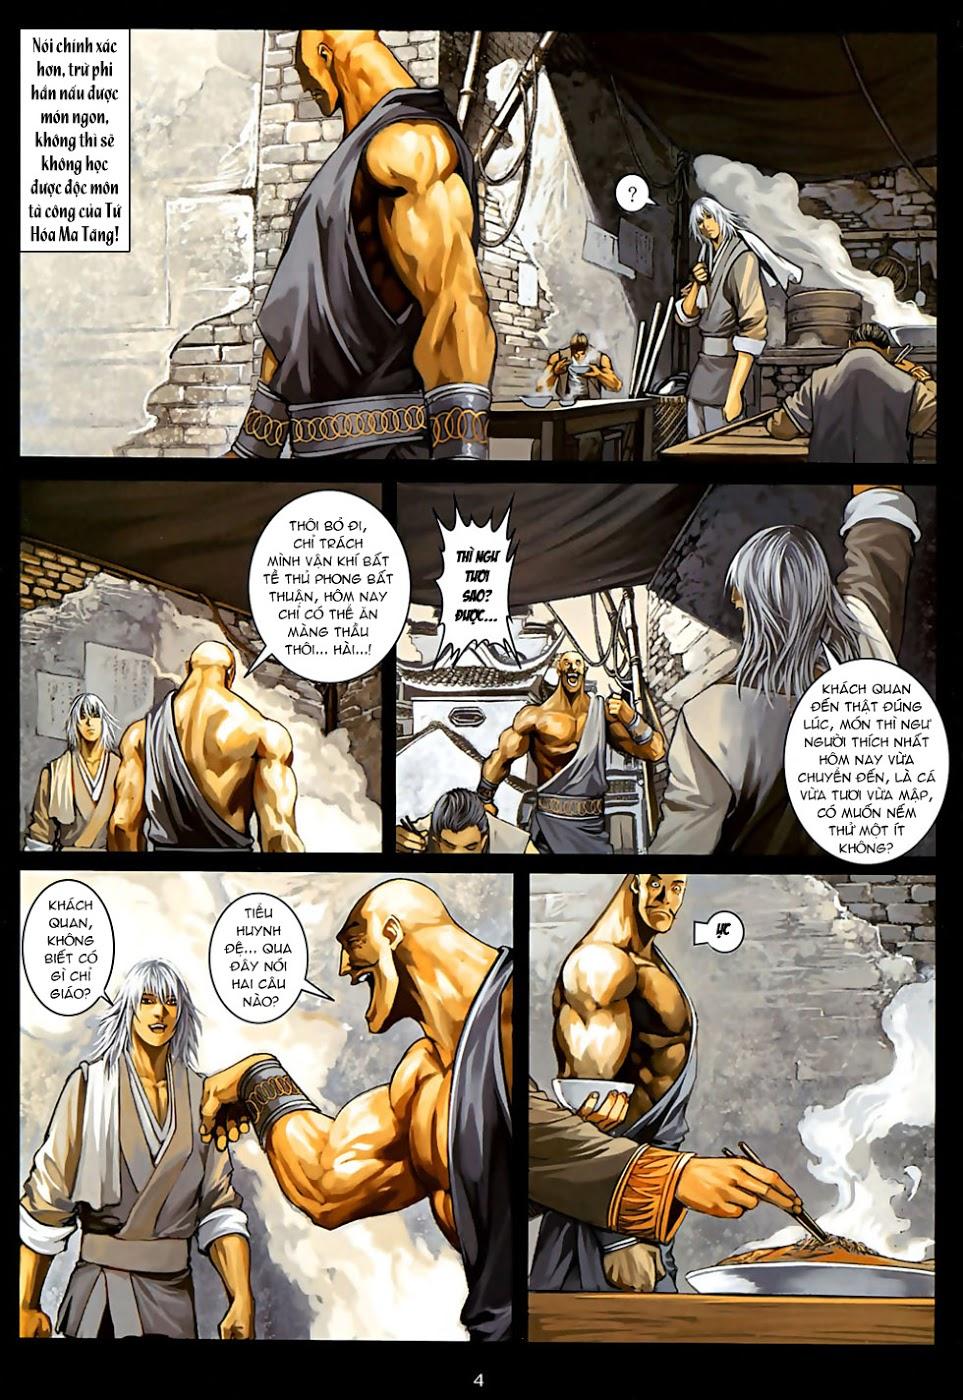 Ôn Thuỵ An Quần Hiệp Truyện Phần 2 chapter 30 trang 5